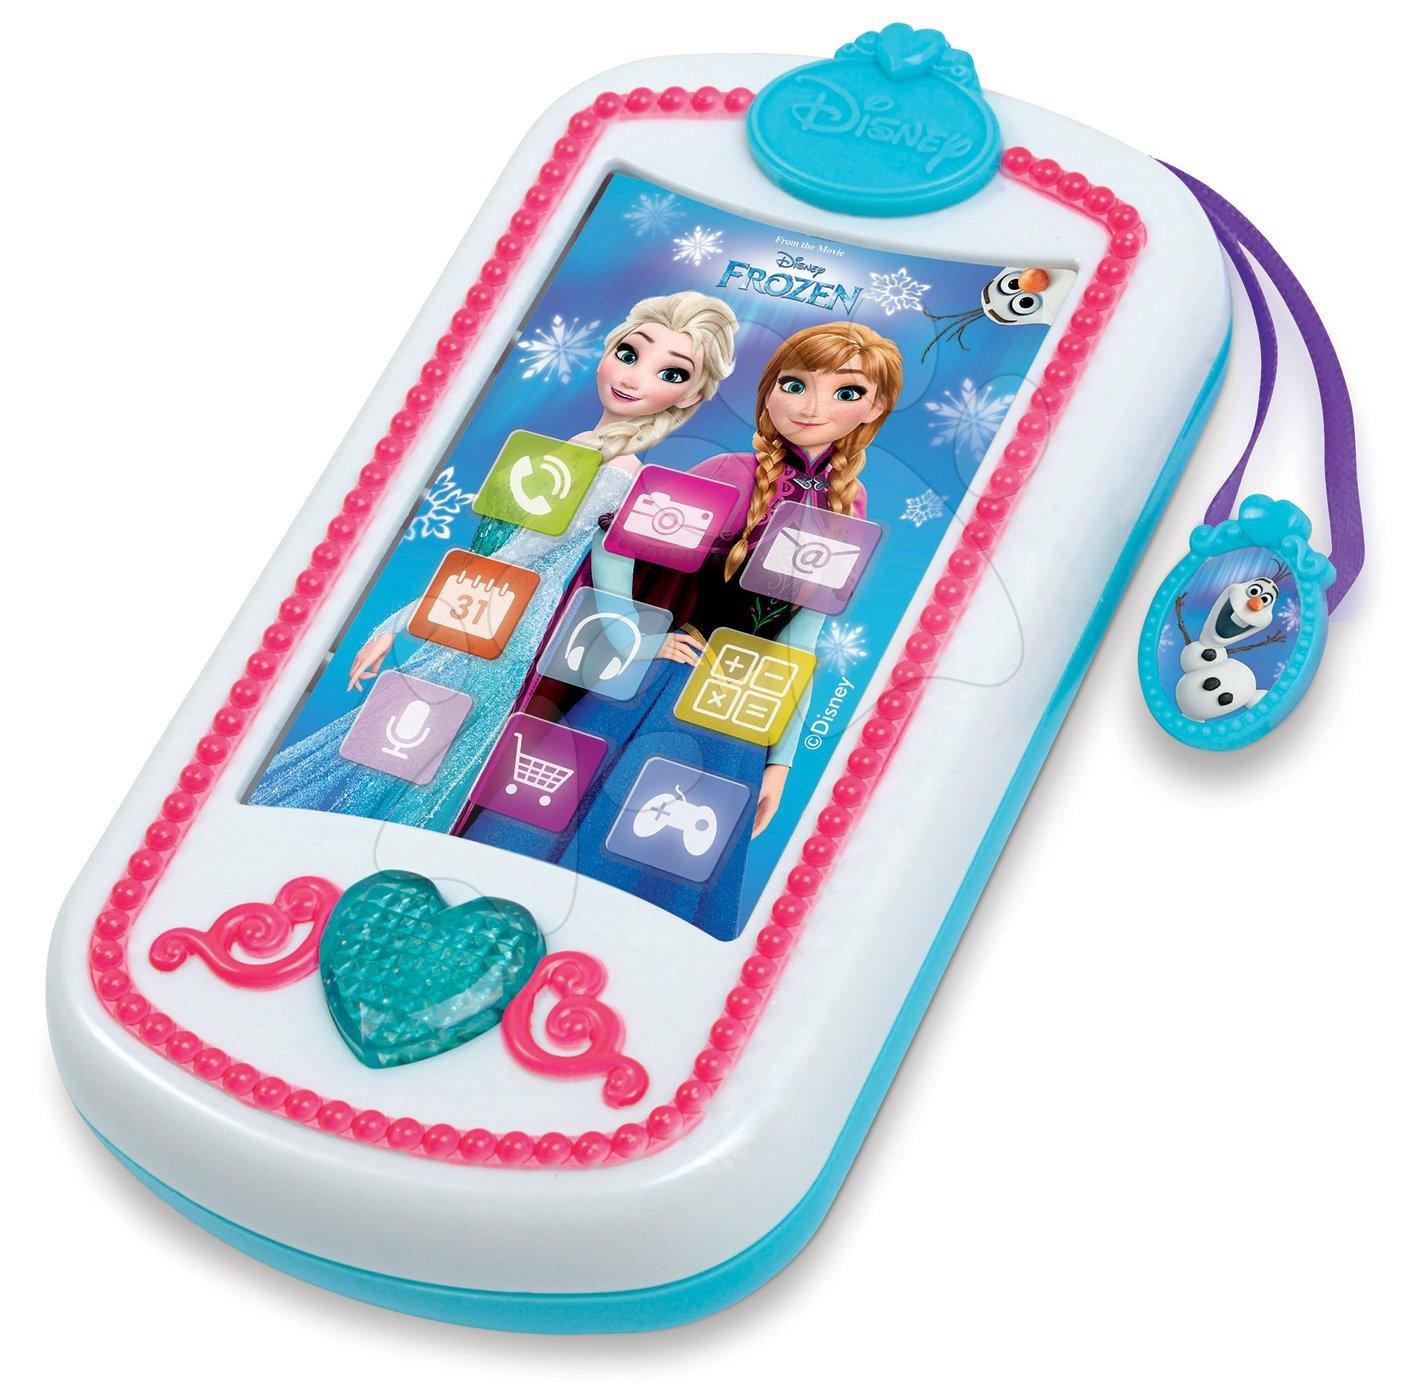 Detské hudobné nástroje - Smartphone Frozen Smoby zvukový mobilný telefón so svetlom a trblietkami